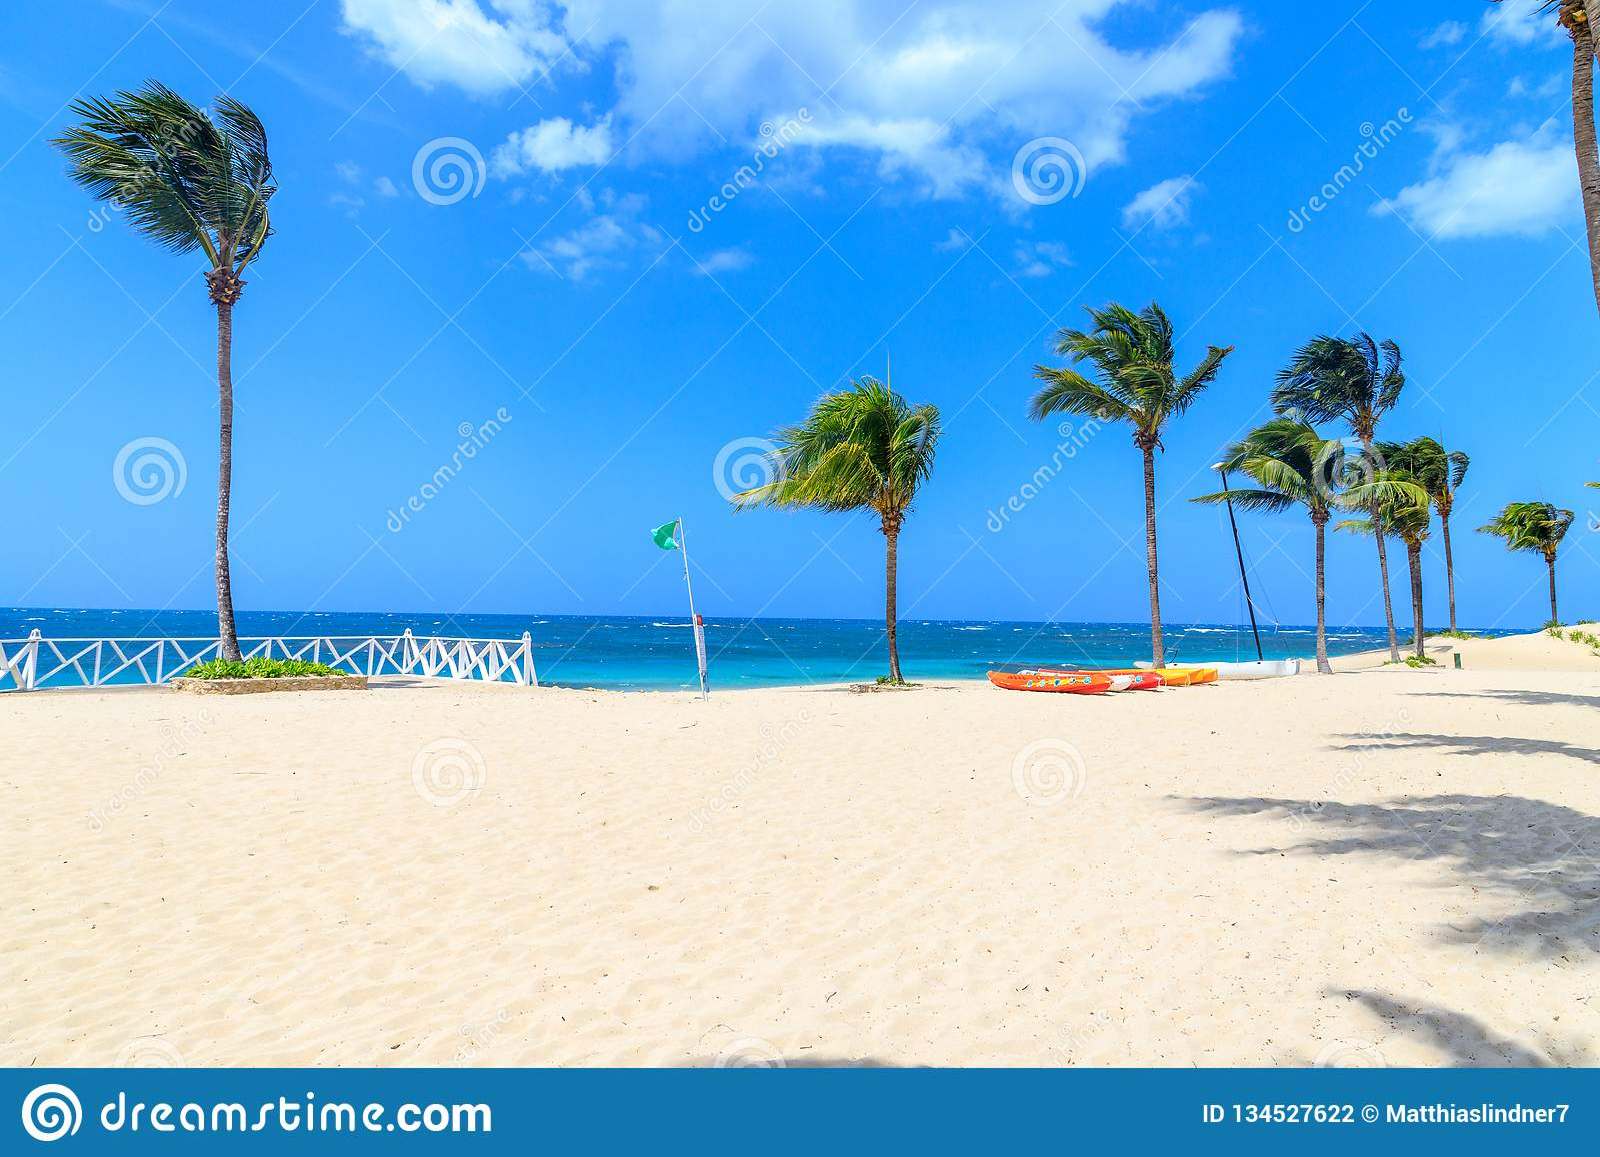 Den gröna flaggan på stranden indikerar ingen fara, när den badar Dominikanska republiken